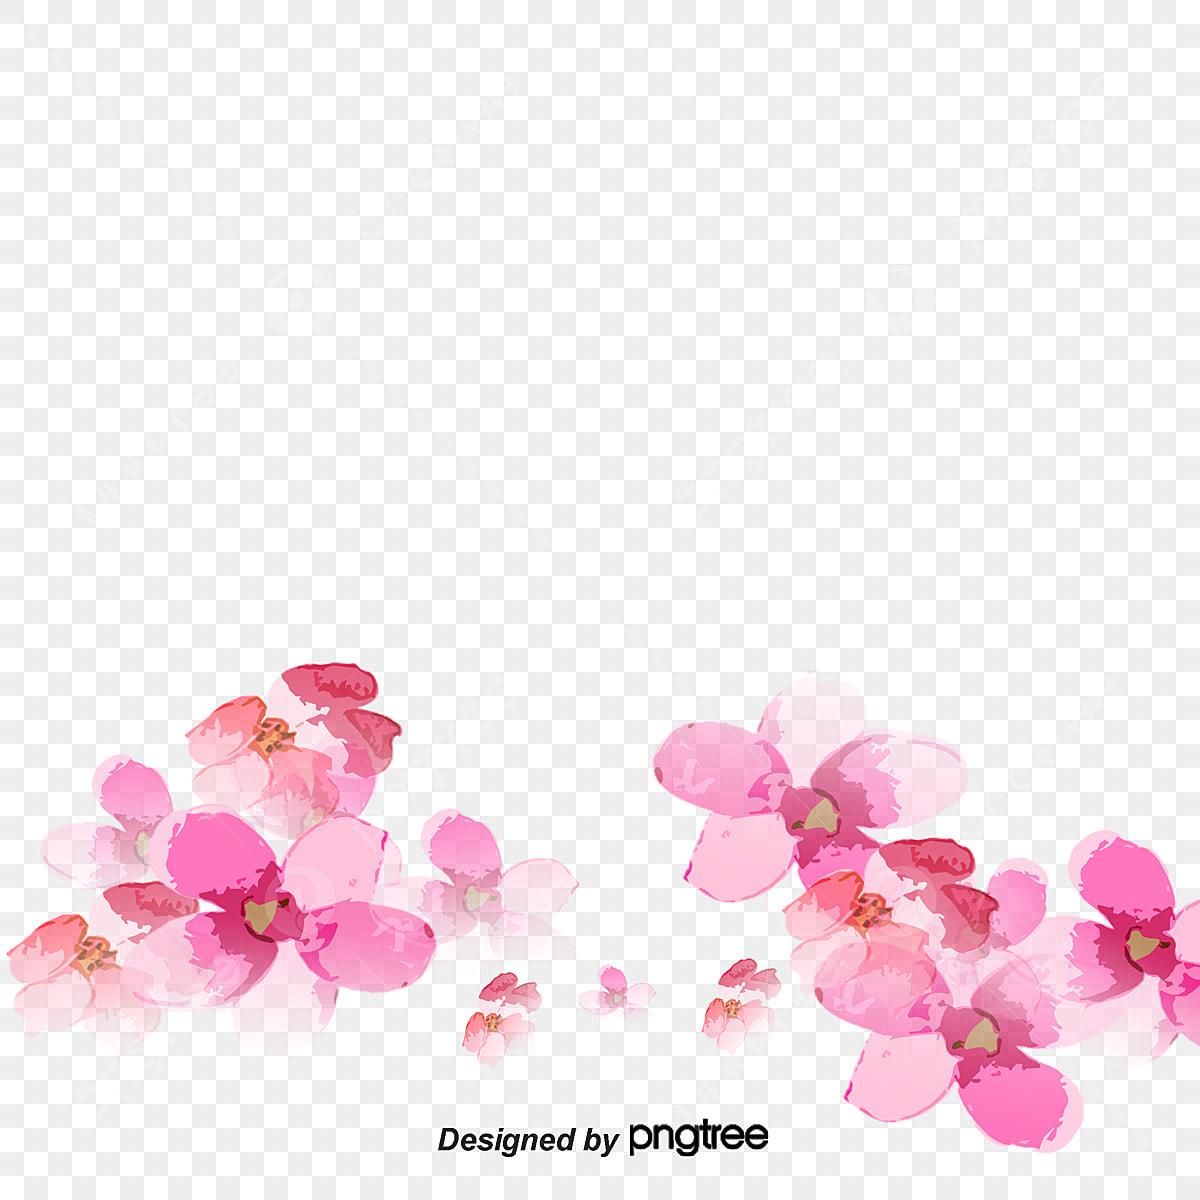 Lamour Romantique Lamour Romantique Dessin Fichier Png